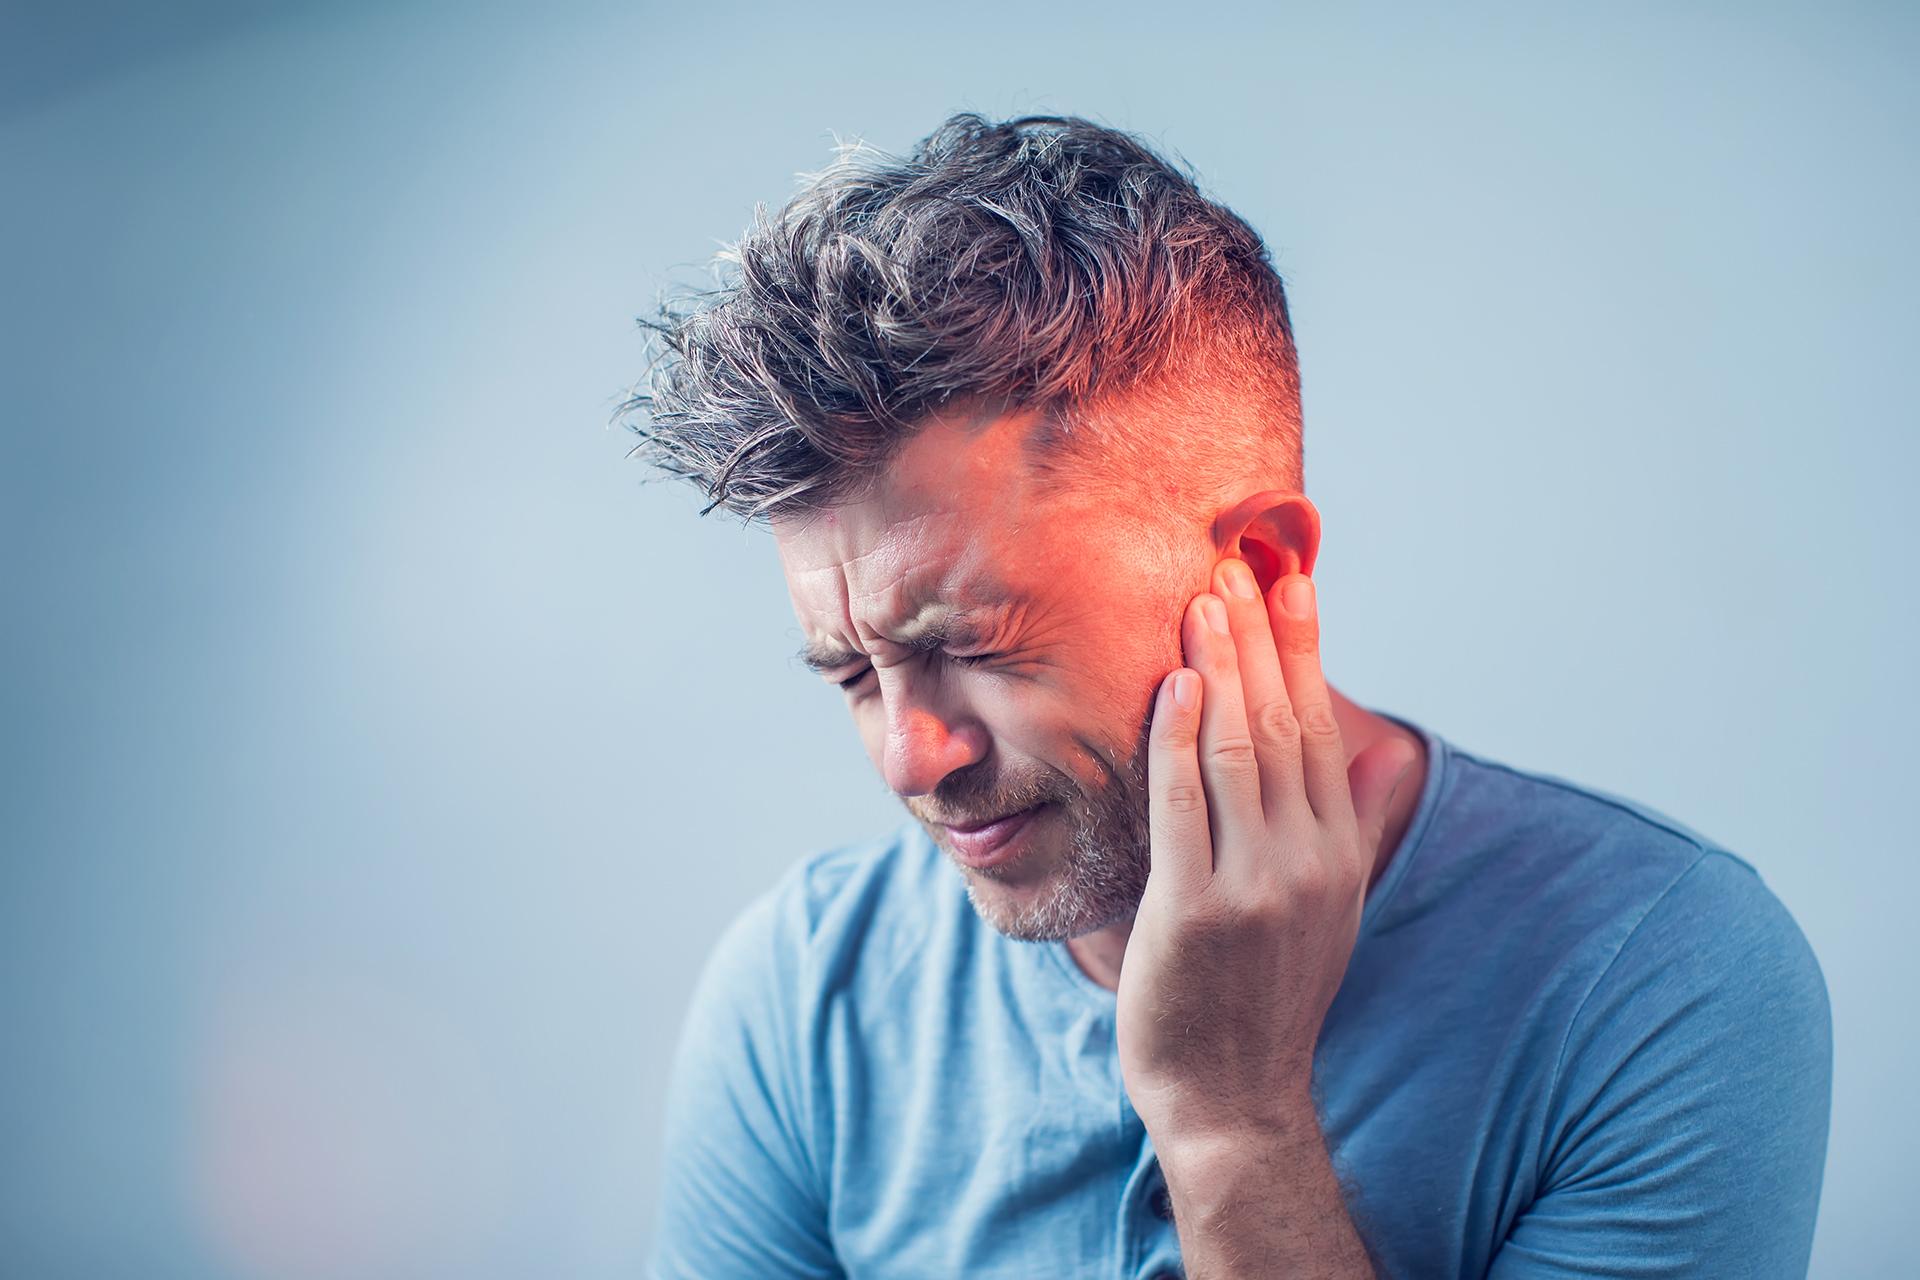 Effetti della terapia manuale cervico-mandibolare nei pazienti con disturbi dolorosi temporomandibolari e acufene somatico associato